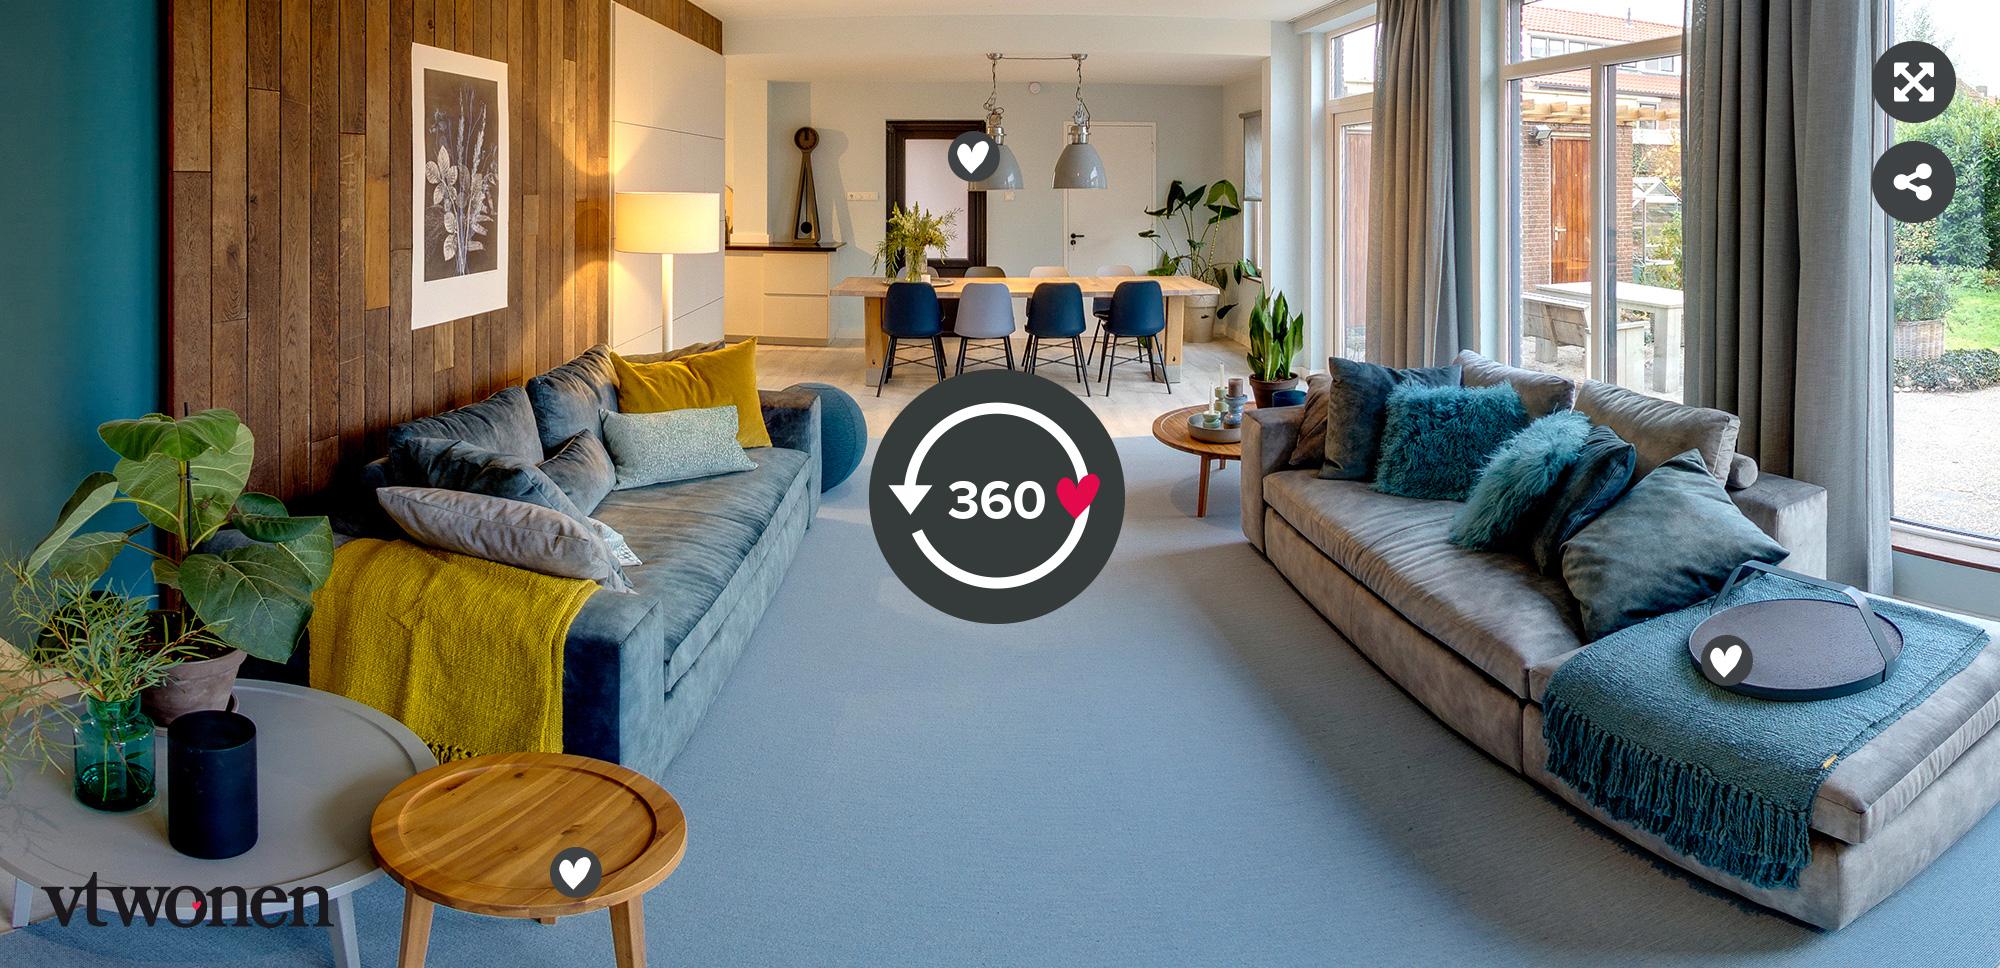 vtwonen verhuist aflevering 3 seizoen 1 - Stylist Marianne Luning - 360 tour